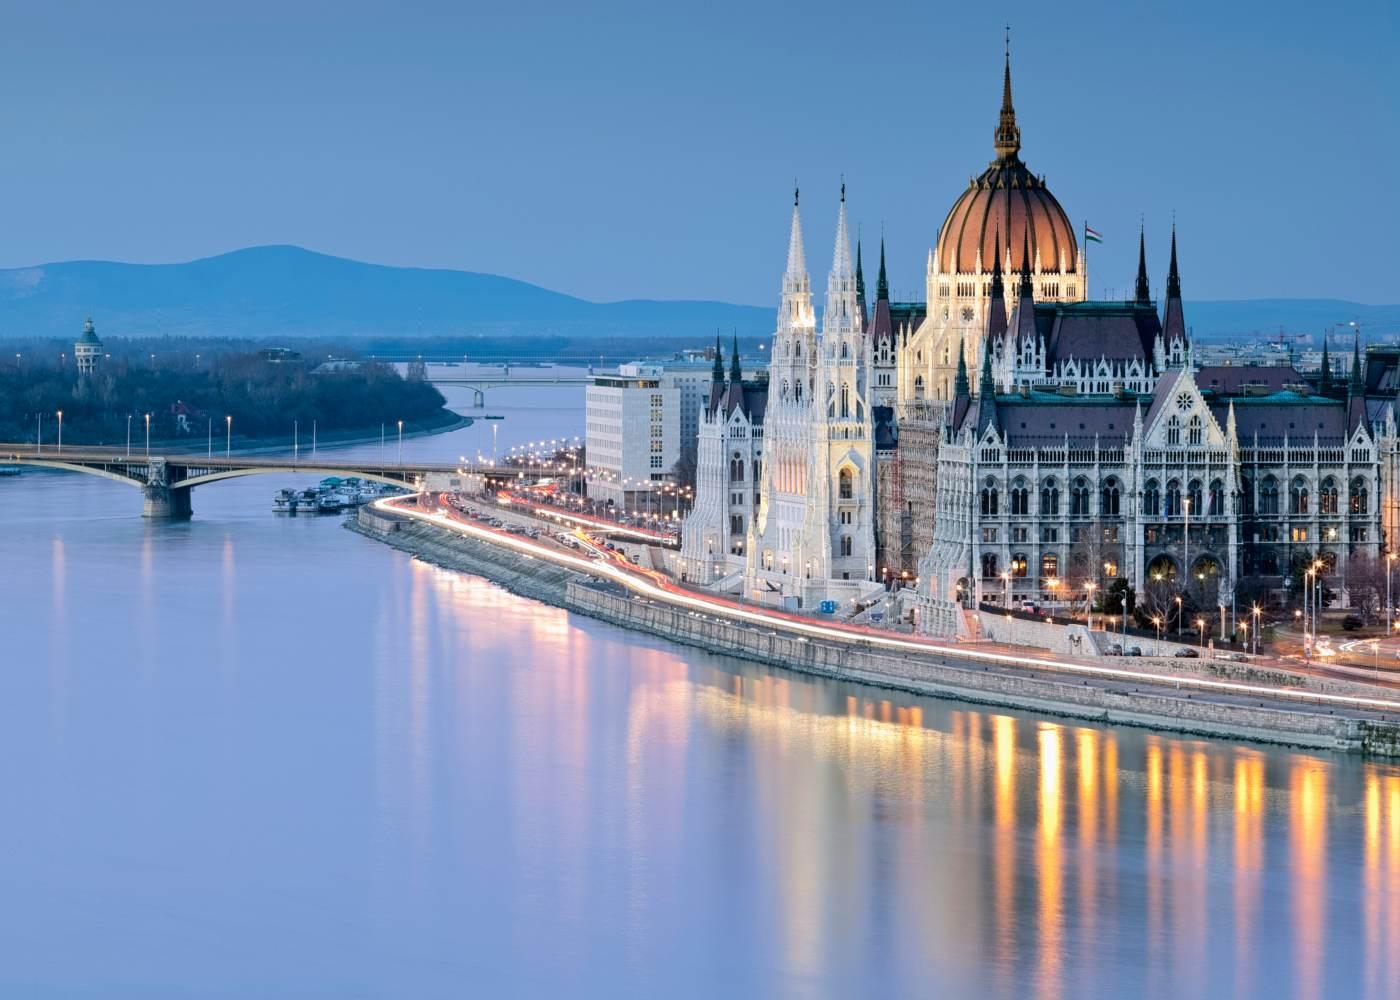 Parlamento da Hungria em Budapeste uma das cidades mais baratas da Europa